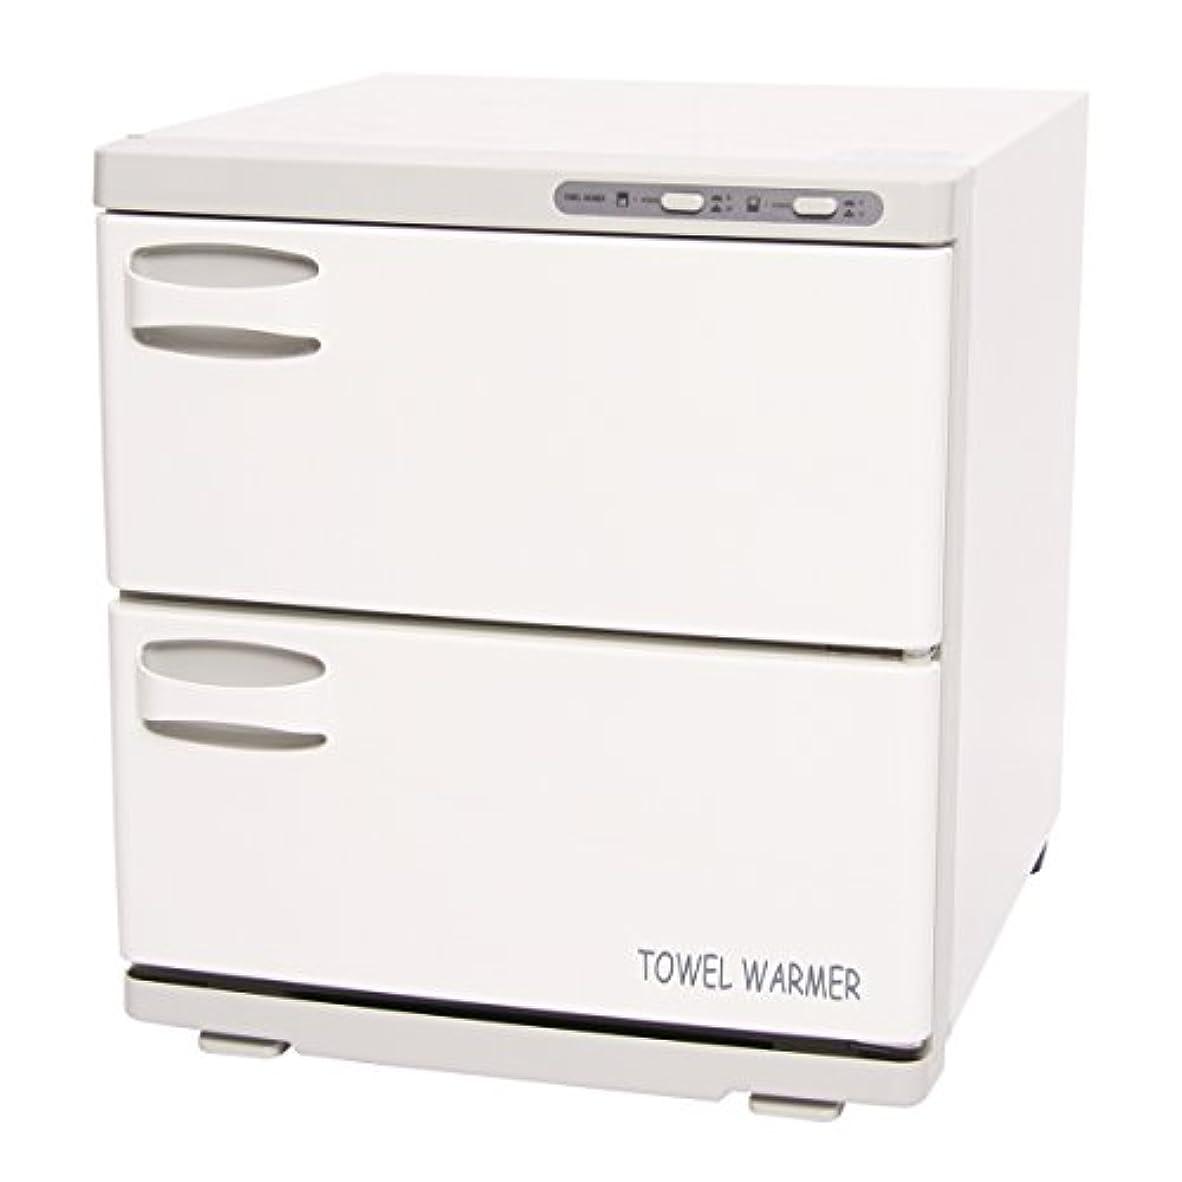 進化するパンチ着実にタオルウォーマー 2ドア (横開き) 32L [ タオル蒸し器 おしぼり蒸し器 タオルスチーマー ホットボックス タオル おしぼり ウォーマー スチーマー 業務用 保温器 ]